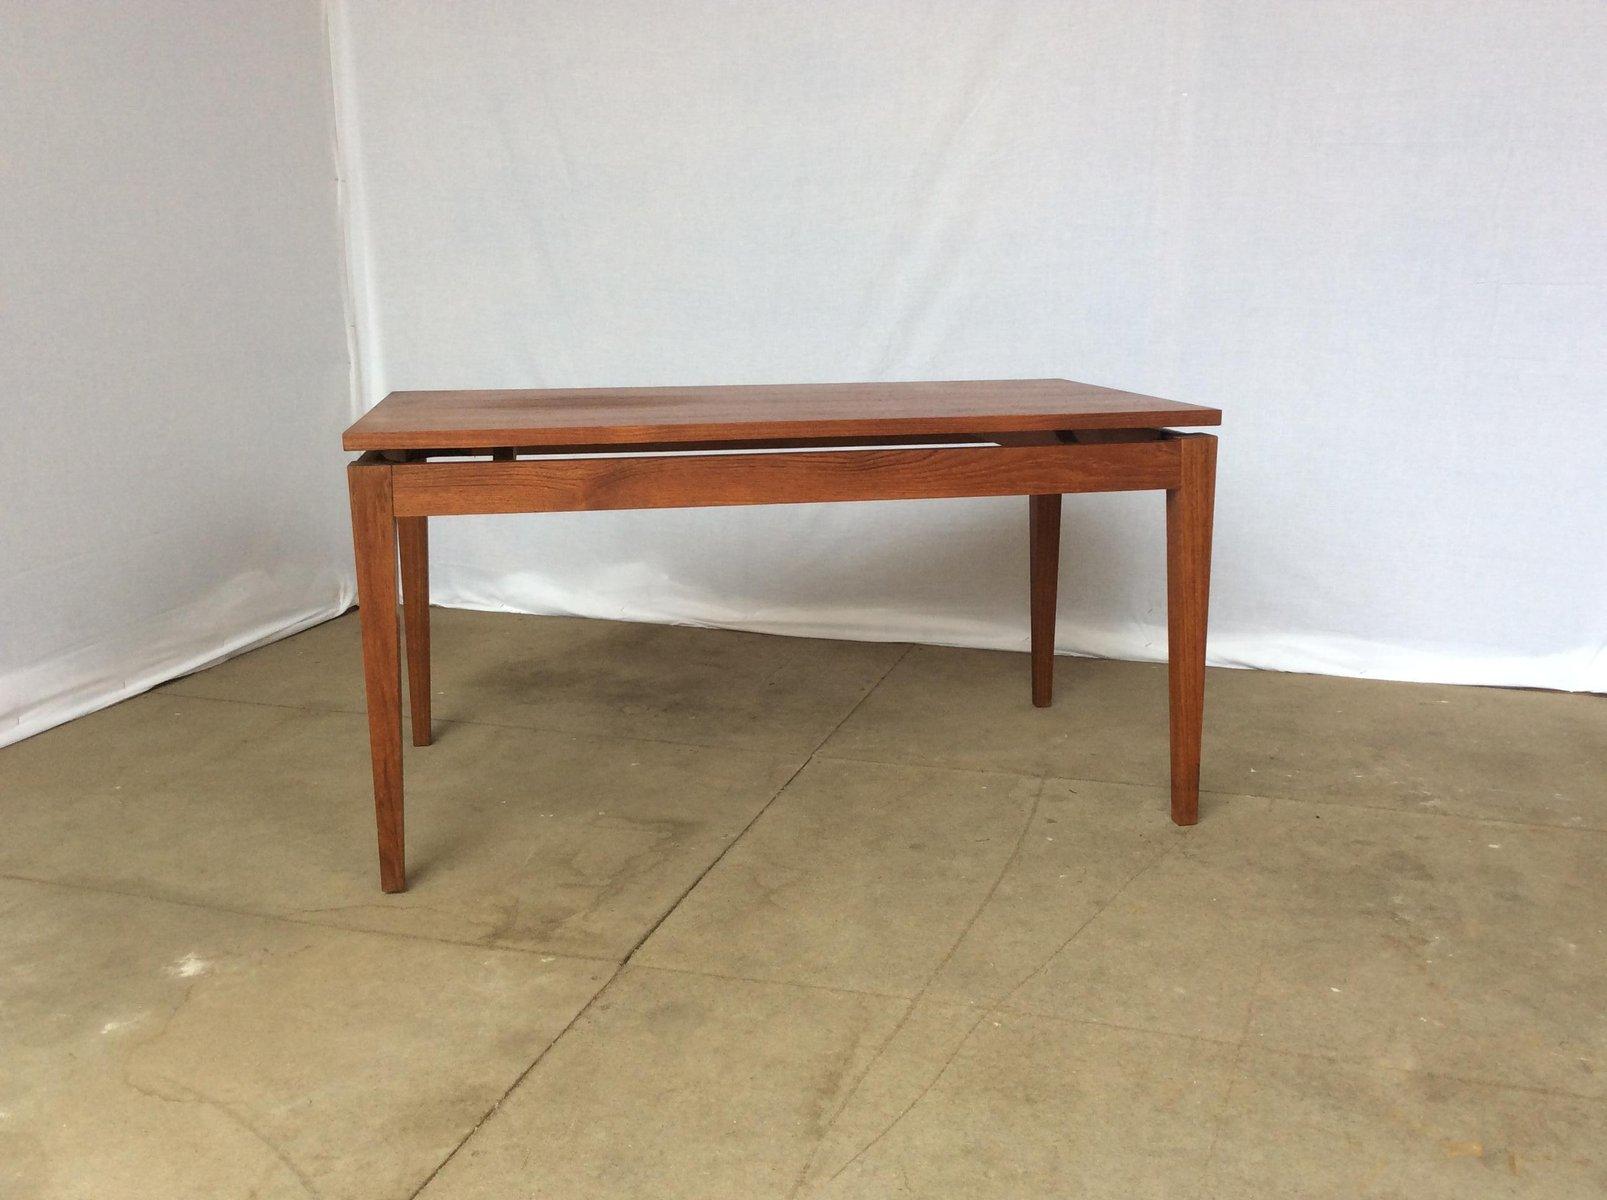 Teak Couchtisch mit Schwebender Tischplatte, 1970er